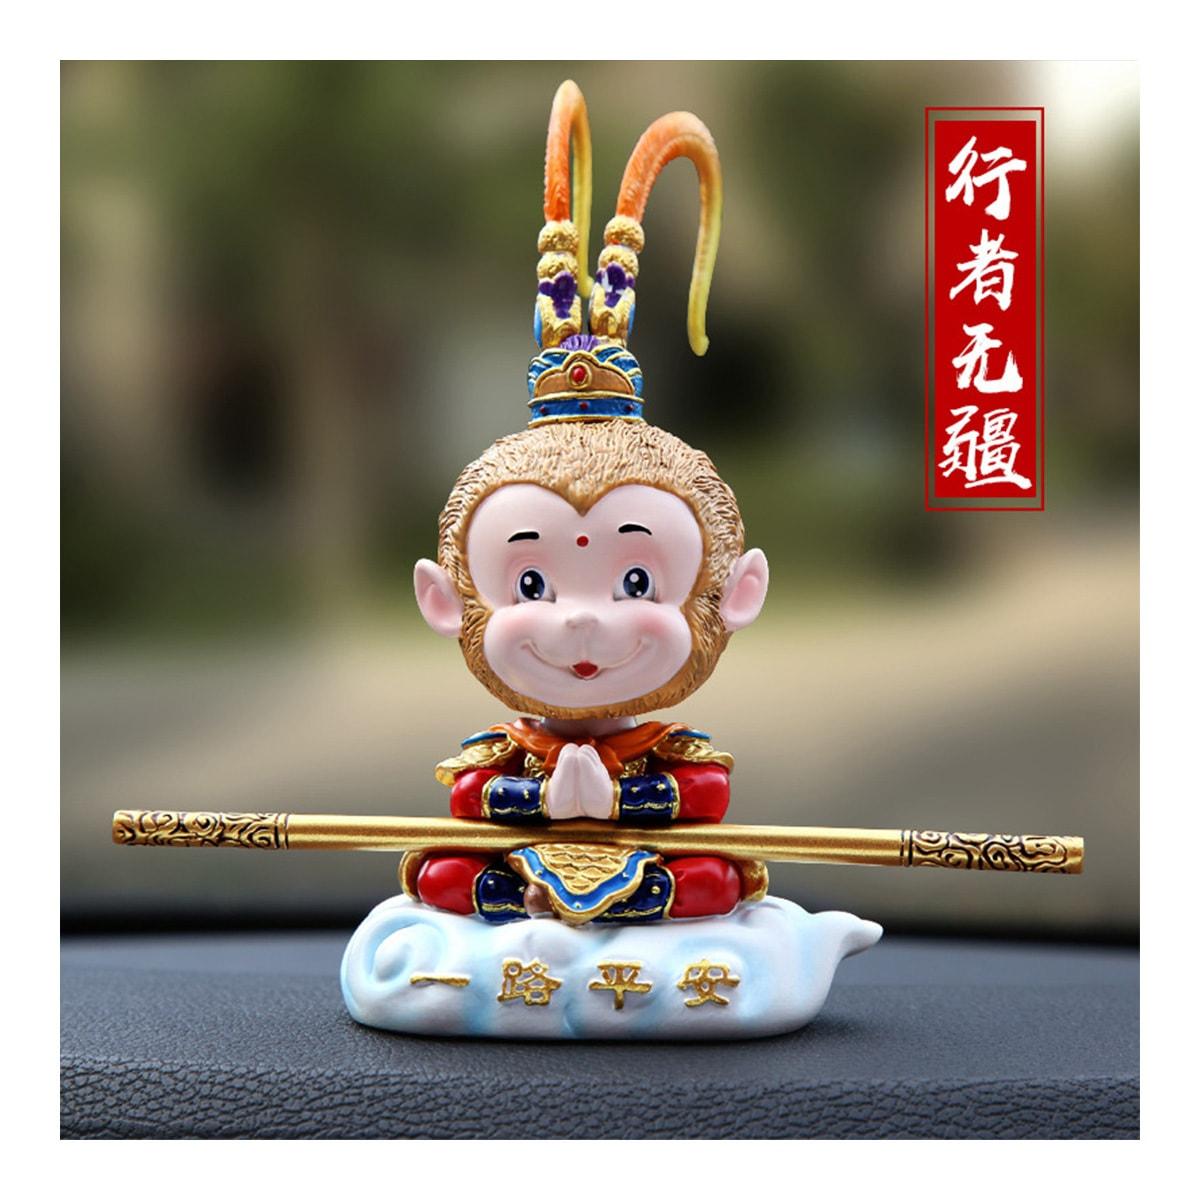 中国专线直邮 时效5-12天RAMBLE 【摇头摆件】汽车创意摇头猴子摆件一路平安/出入平安大圣车载家居两用内饰品 【一路平安1件】 怎么样 - 亚米网